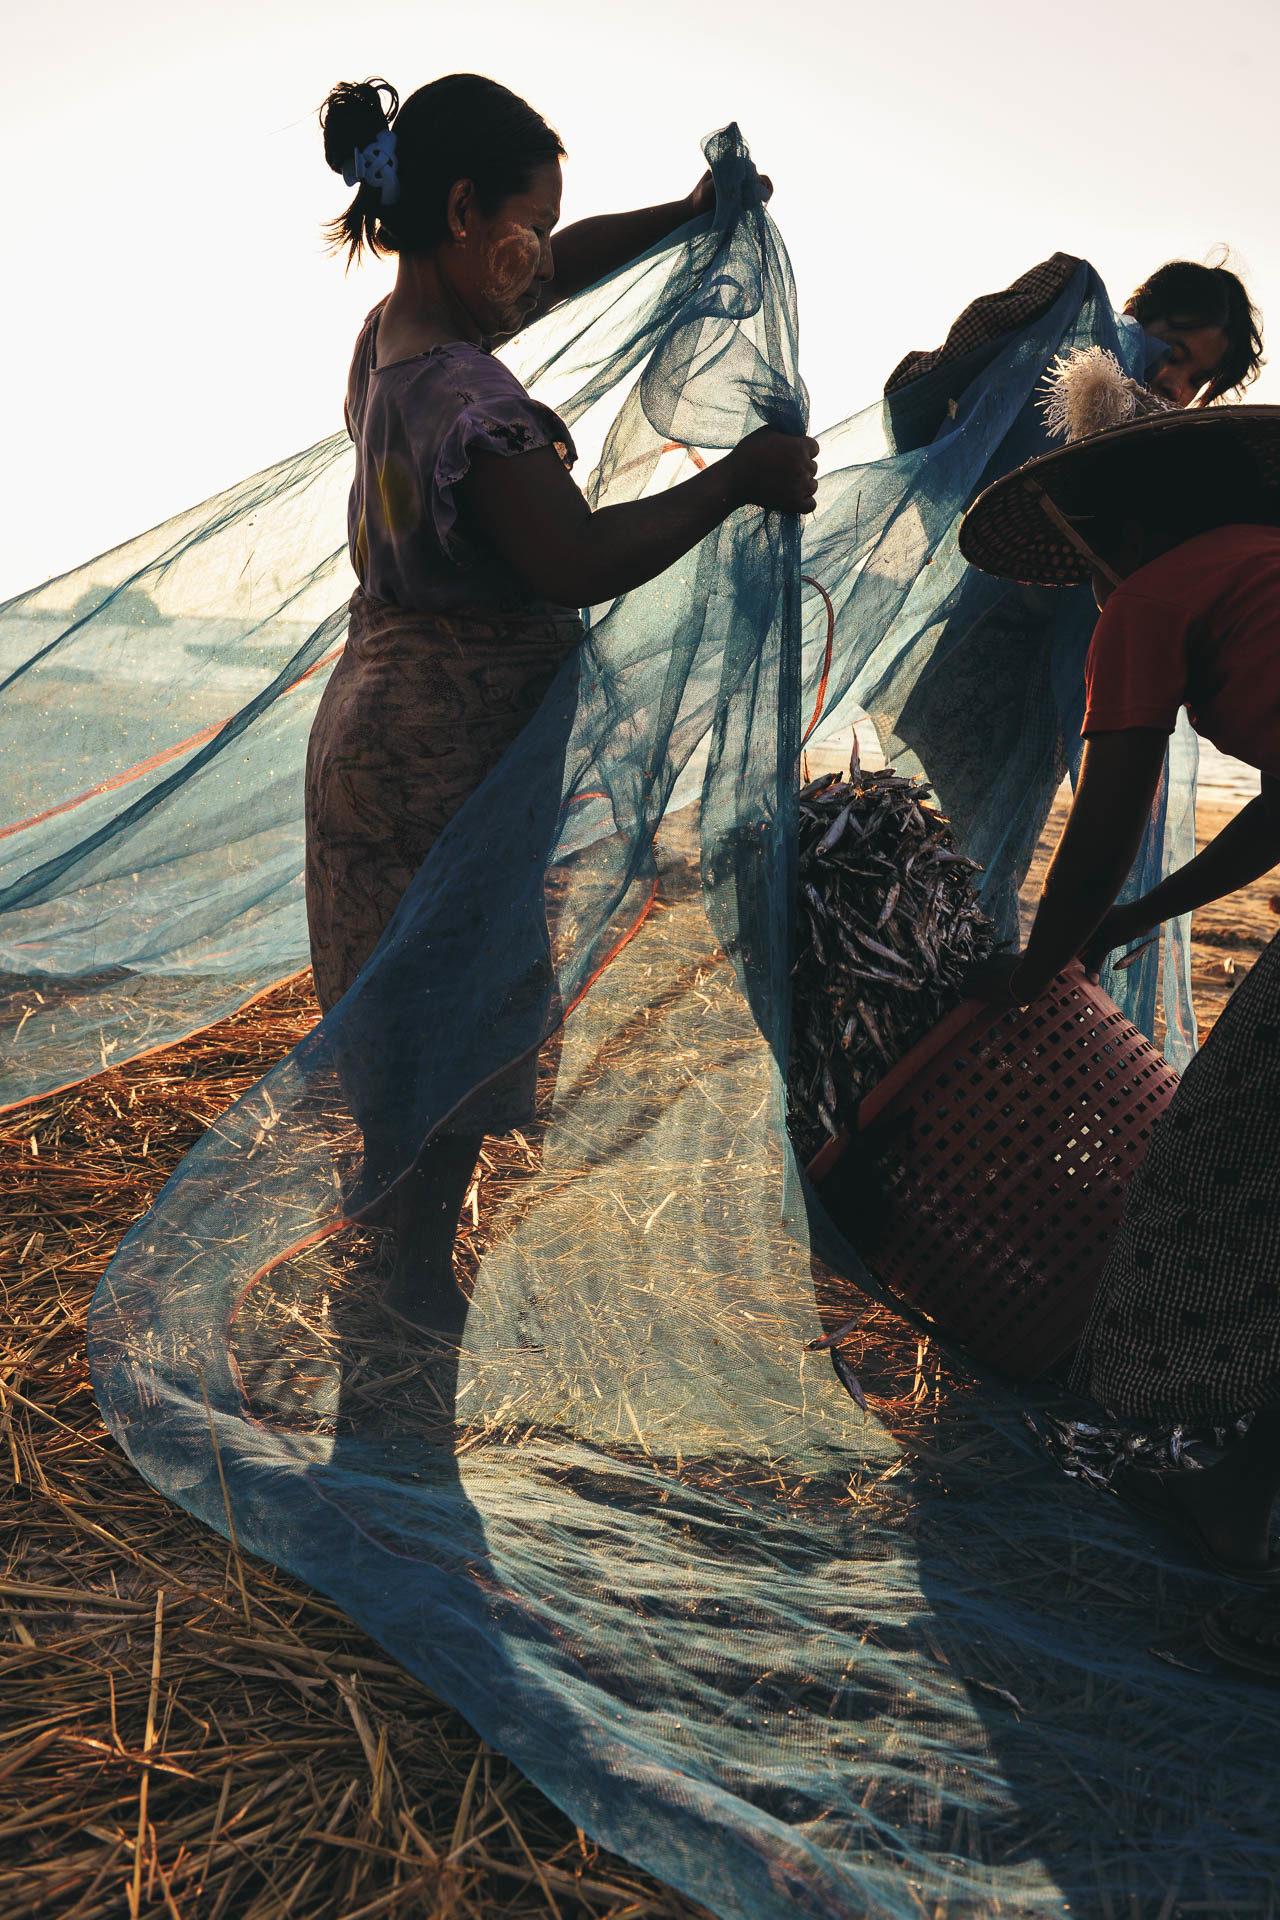 Fischnetz Fische trocknen Fotostory von Redeleit und Junker